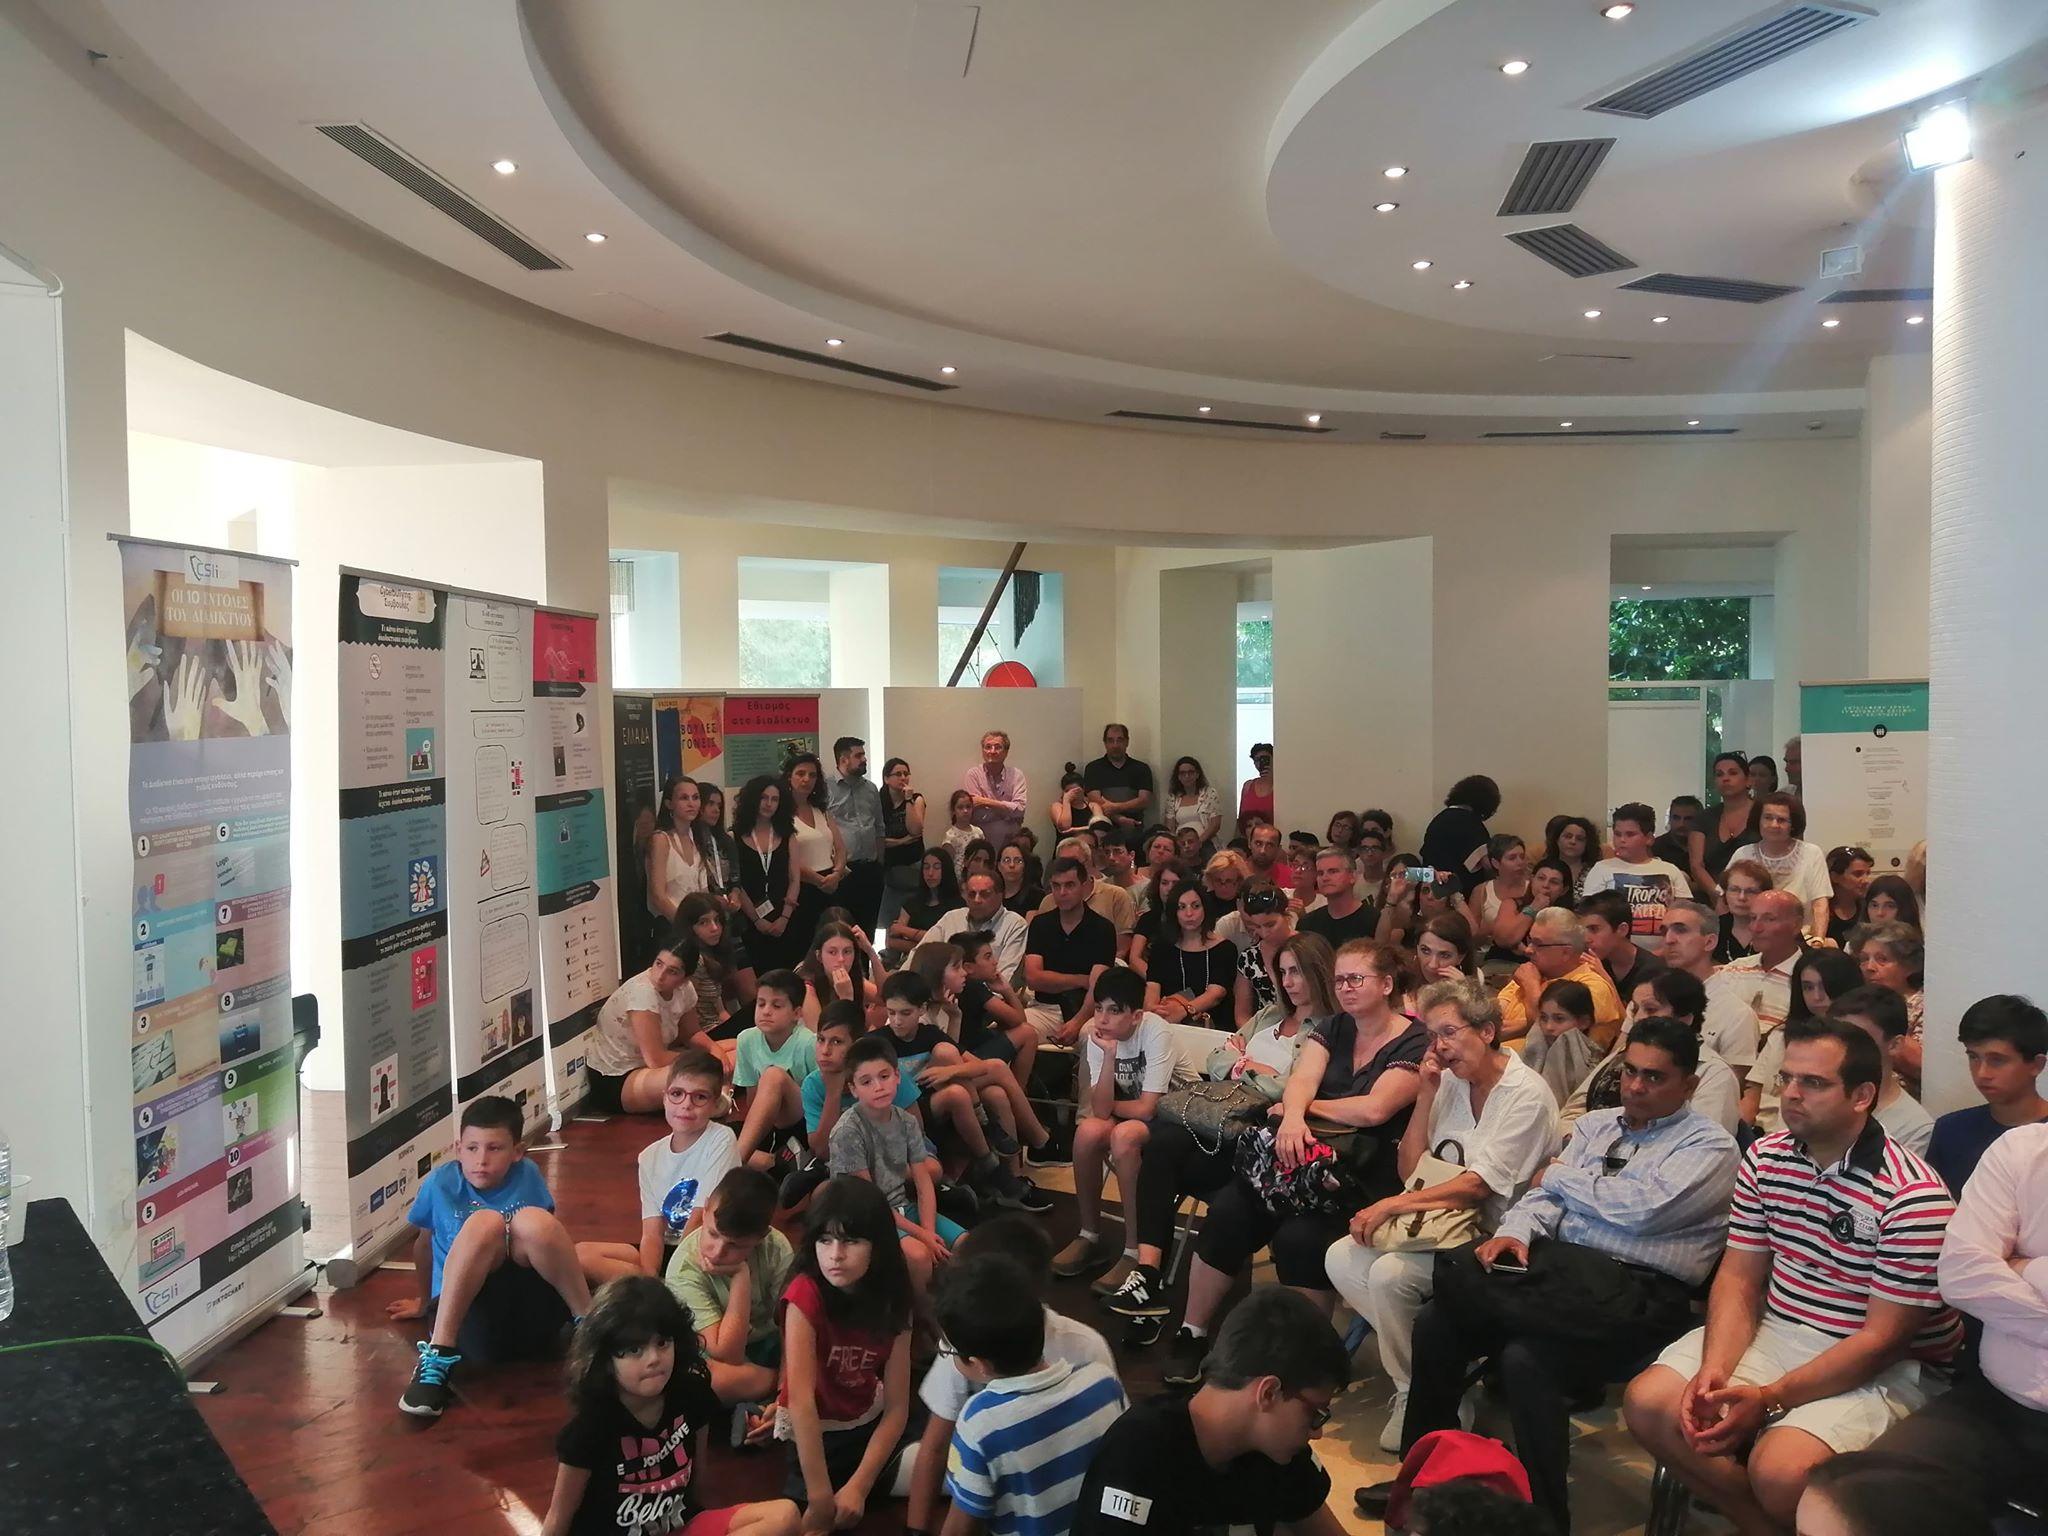 """Με μεγάλη επιτυχία πραγματοποιήθηκε η εκδήλωση """"Survivethesummer"""" για την καταπολέμηση του διαδικτυακού εθισμού"""